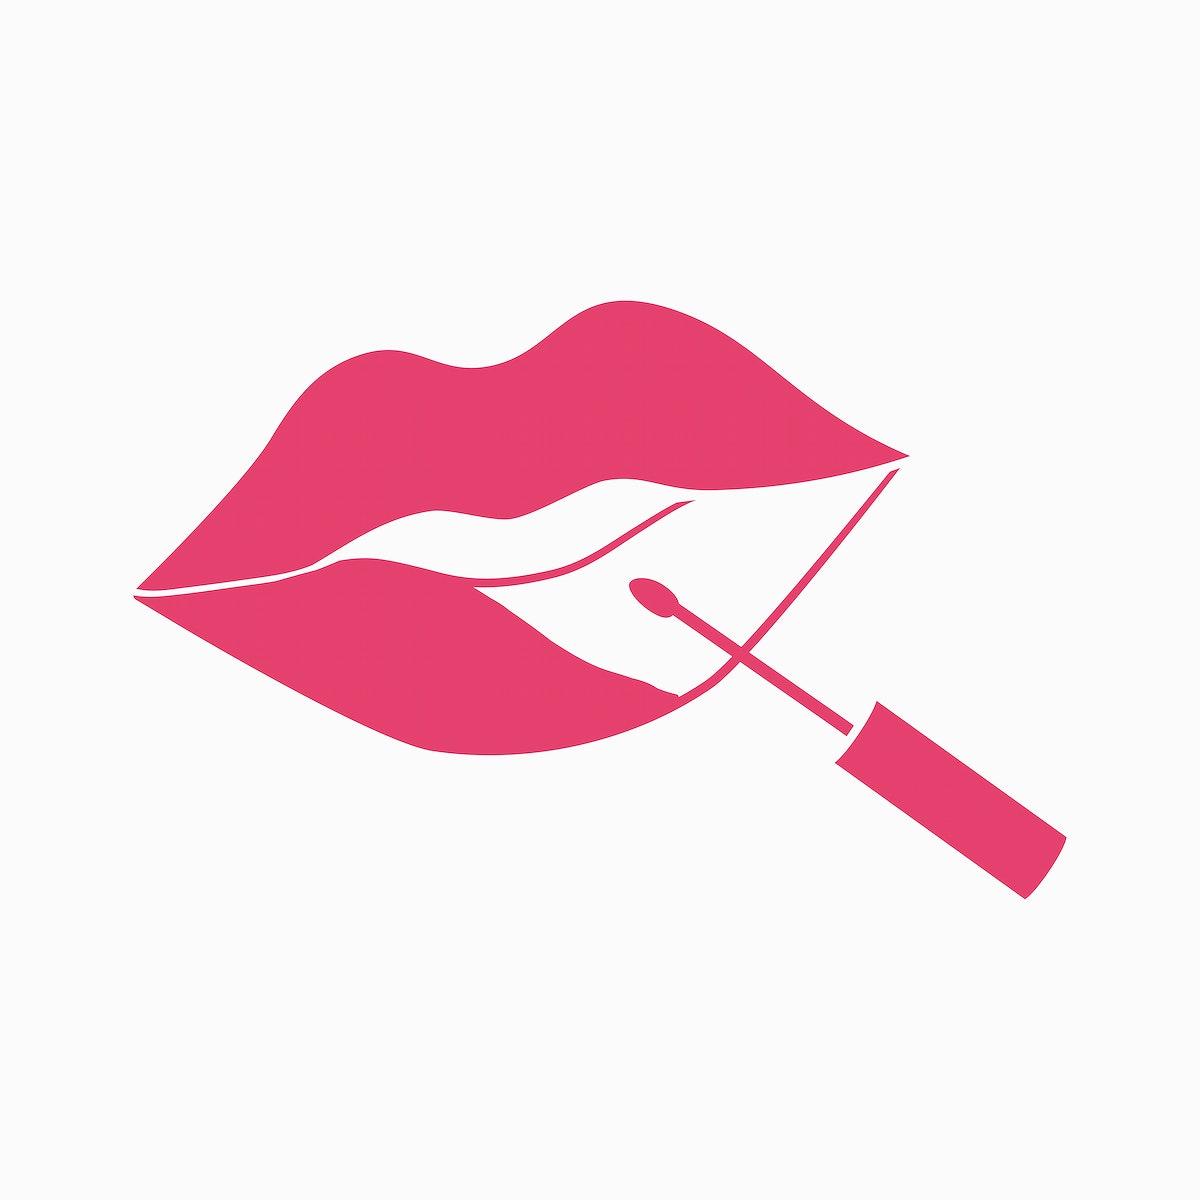 Liquid lipstick application vector